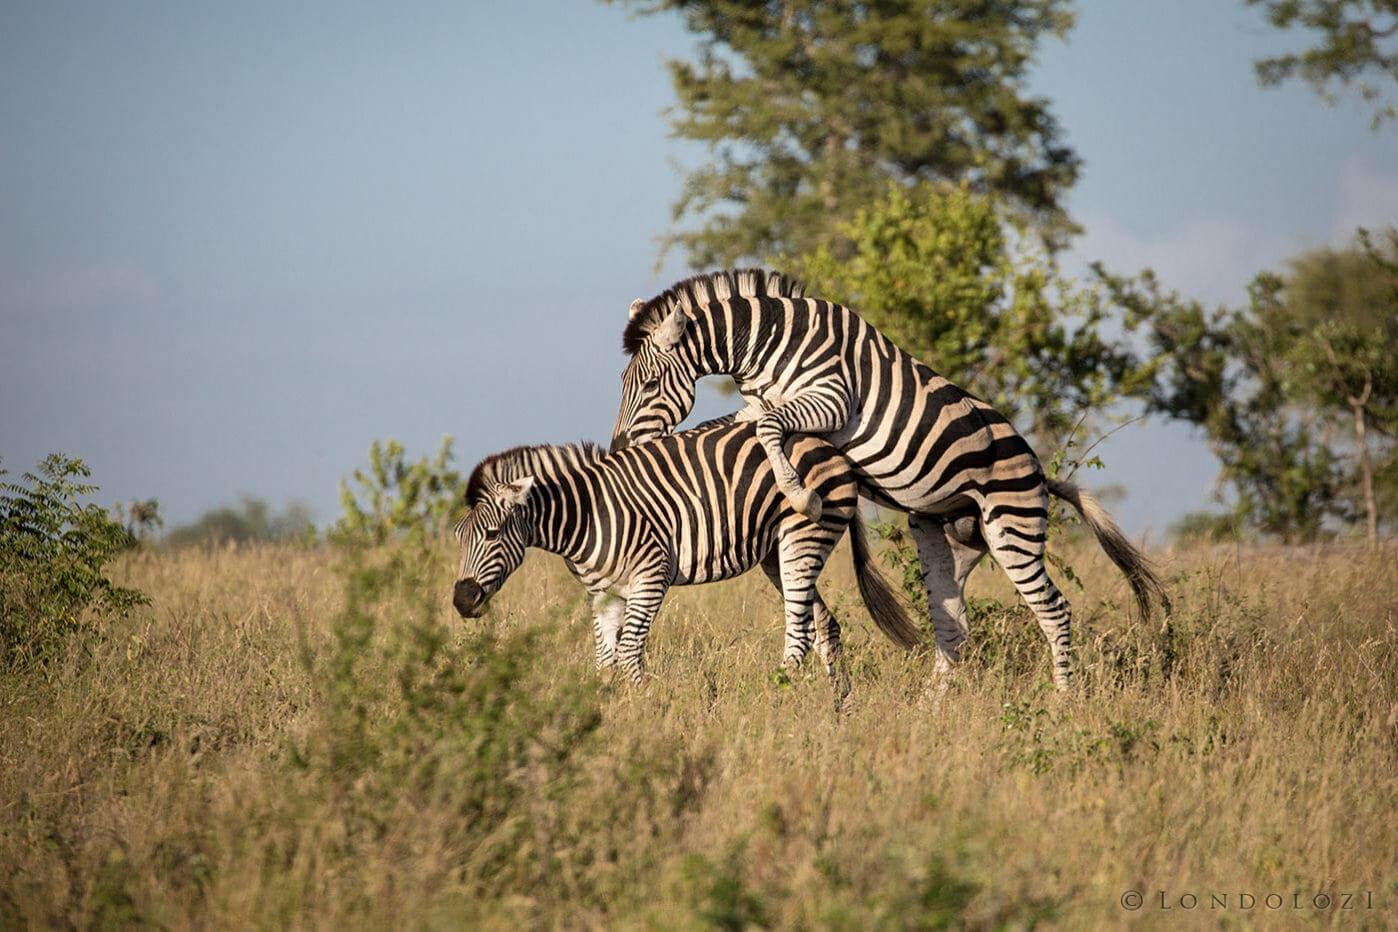 Zebras Mating Image Londolozi Fine Art